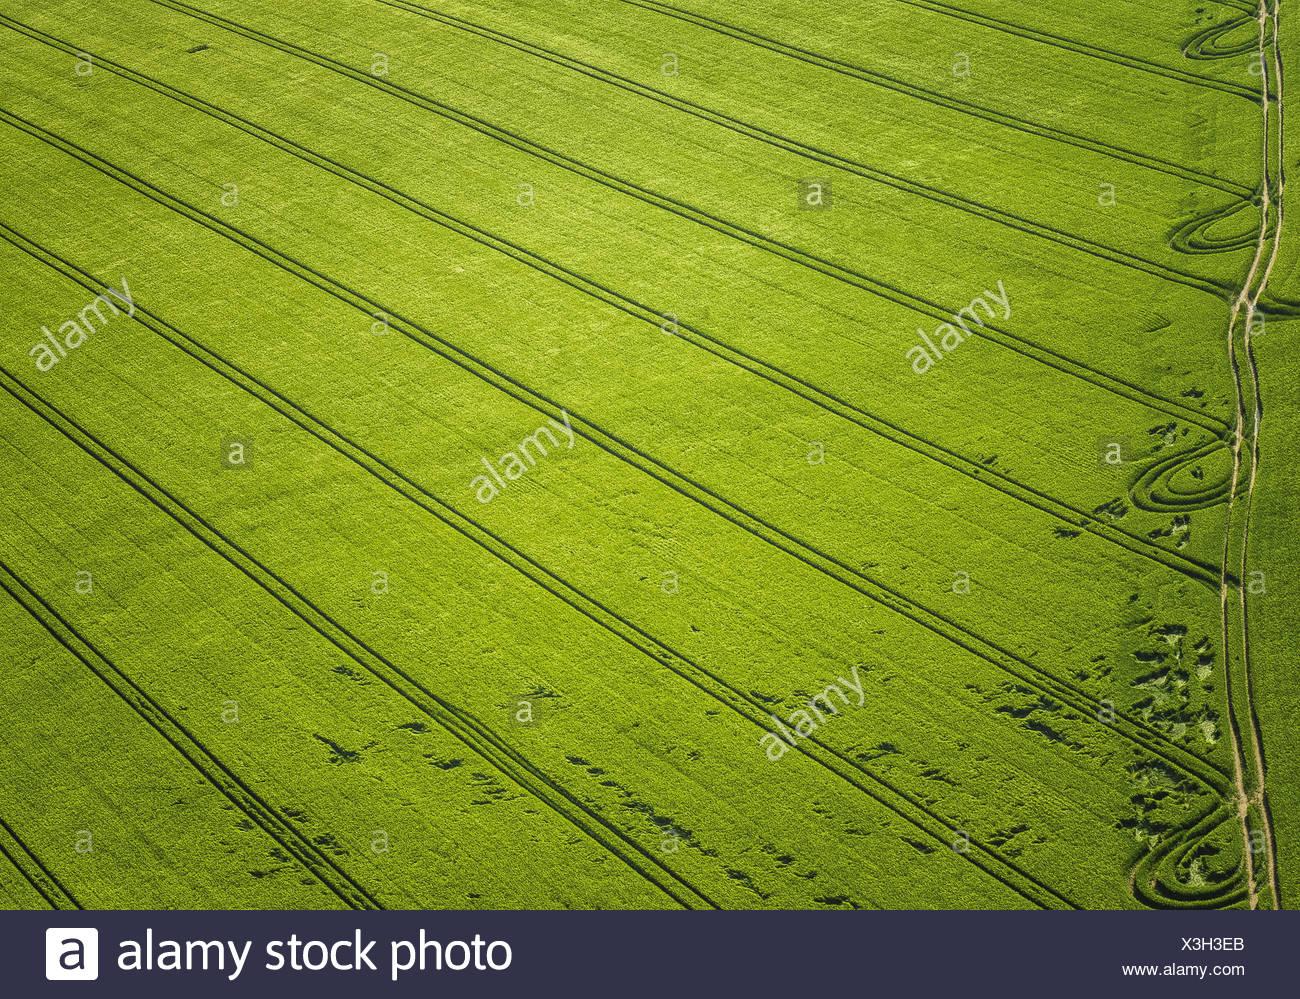 Getreidefeld im Fruehjahr, Luftaufnahme Stock Photo